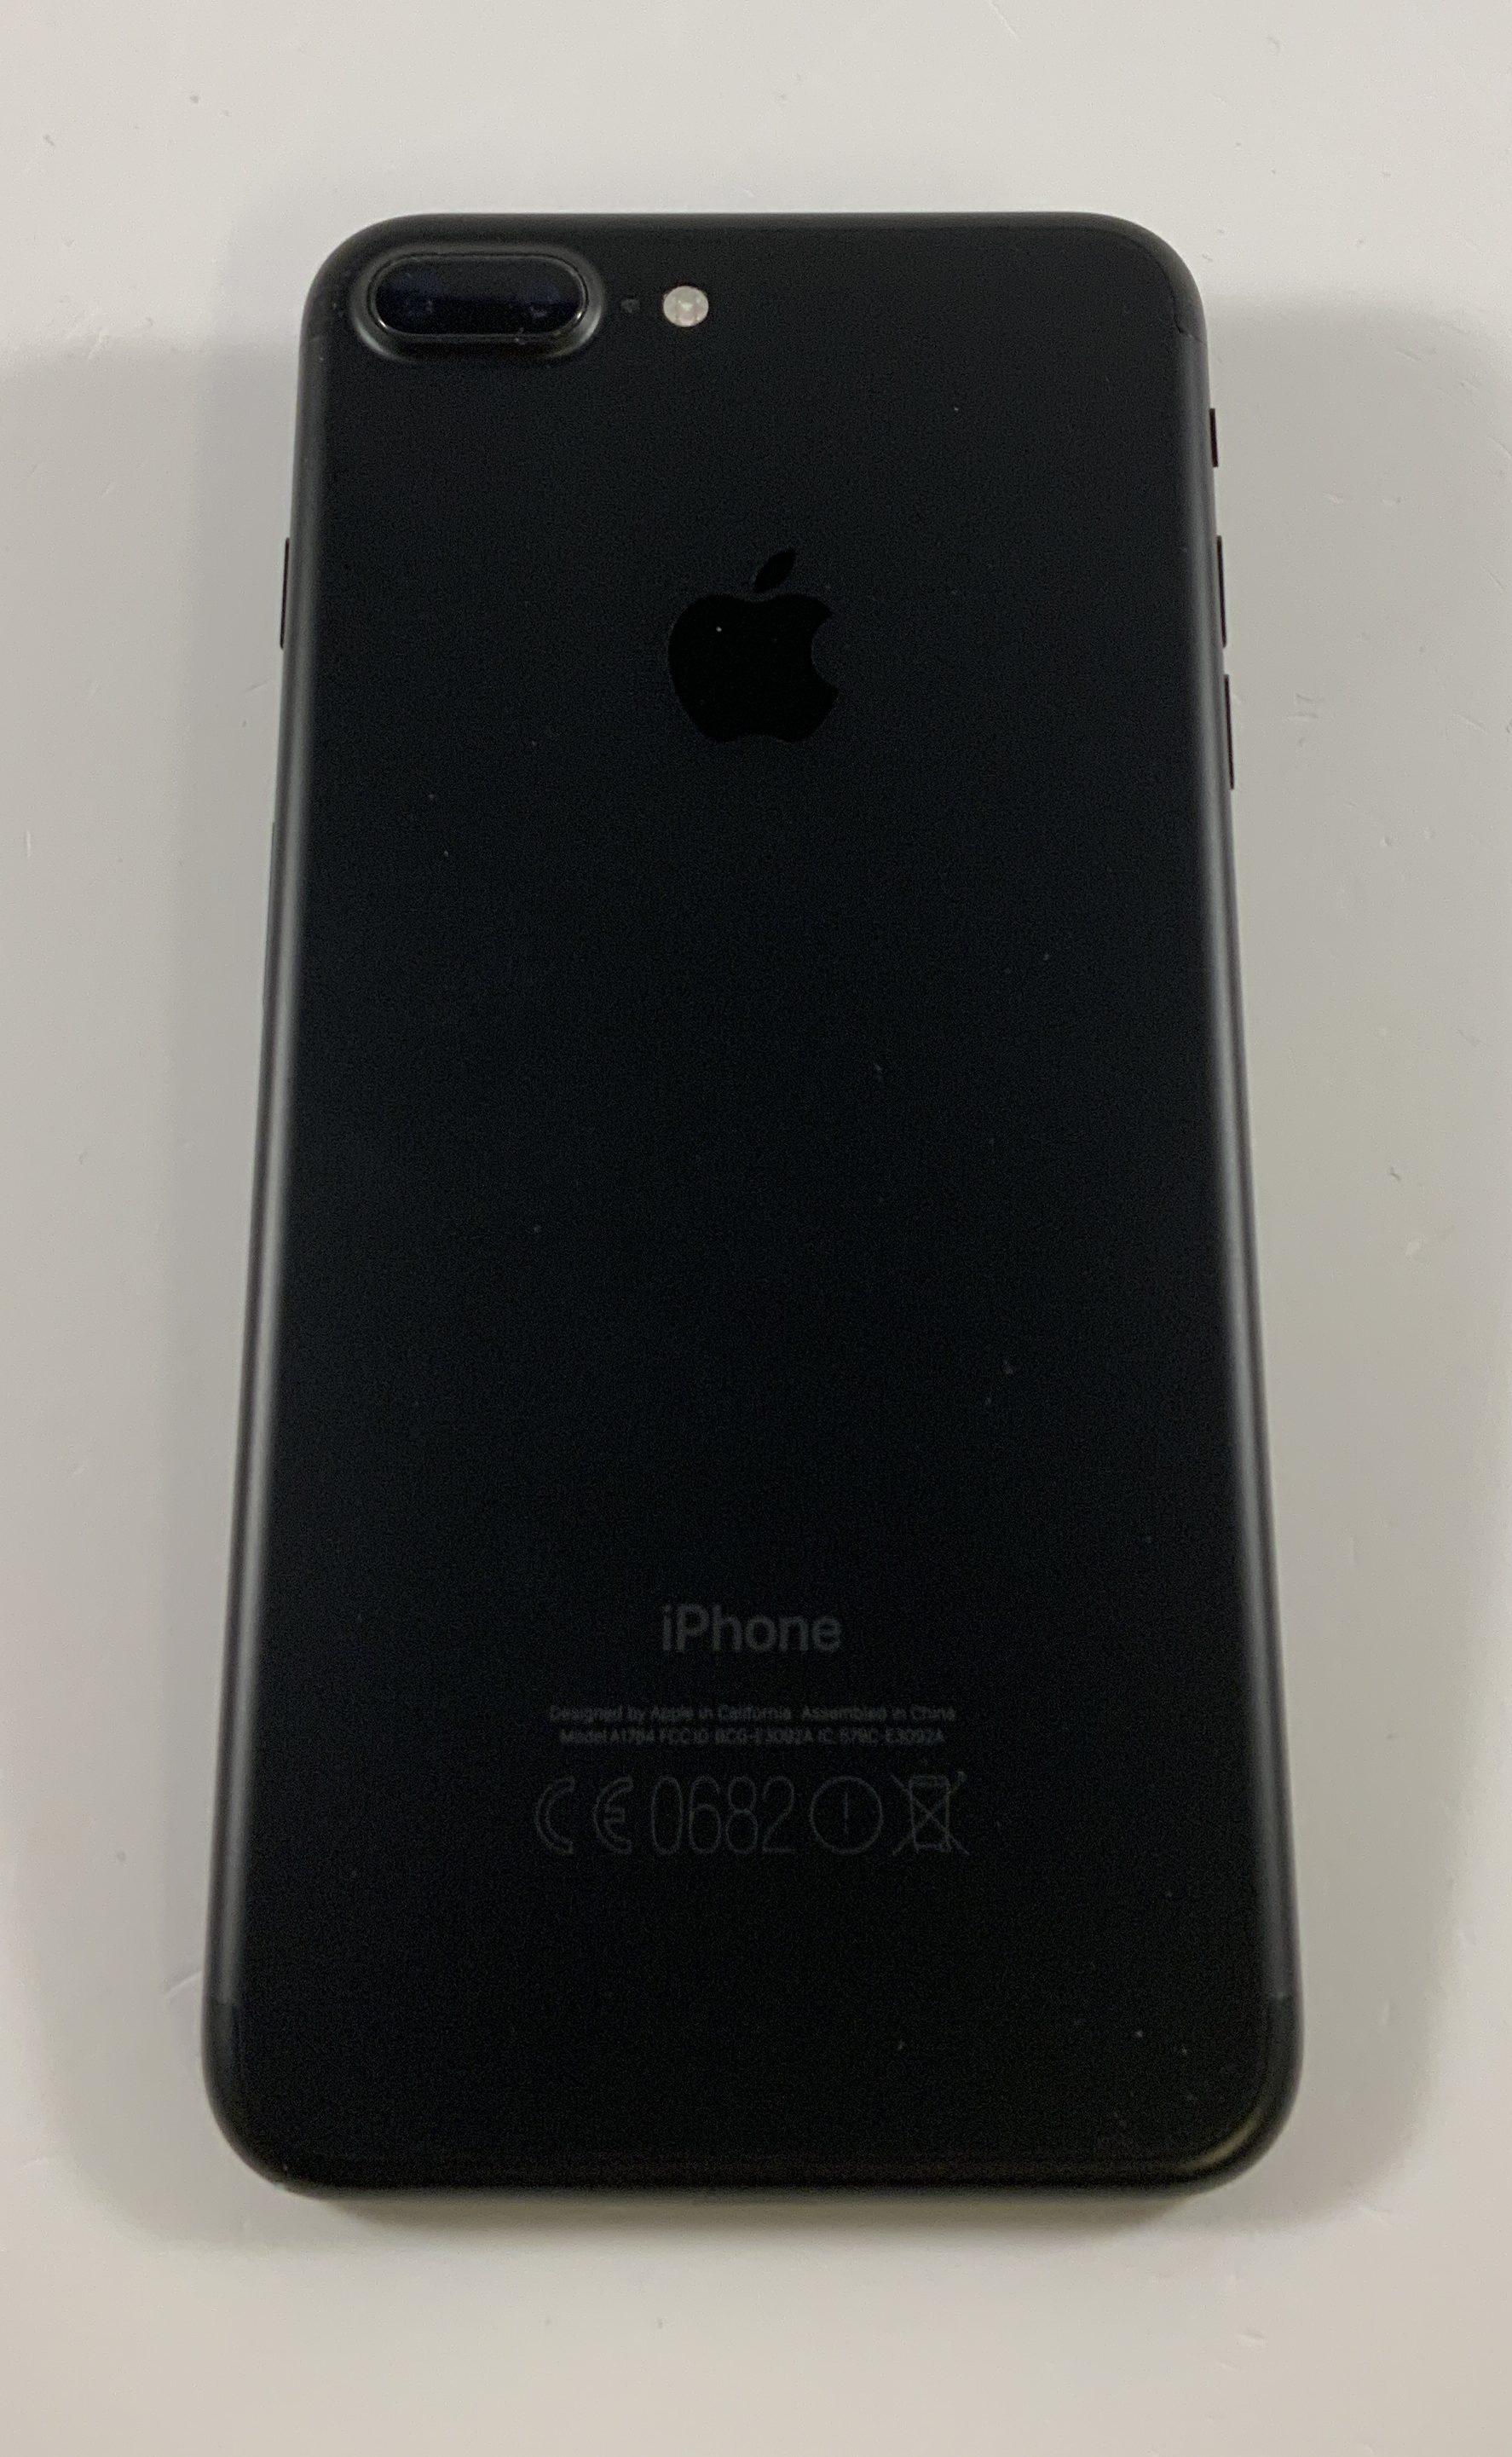 iPhone 7 Plus 128GB, 128GB, Black, imagen 2